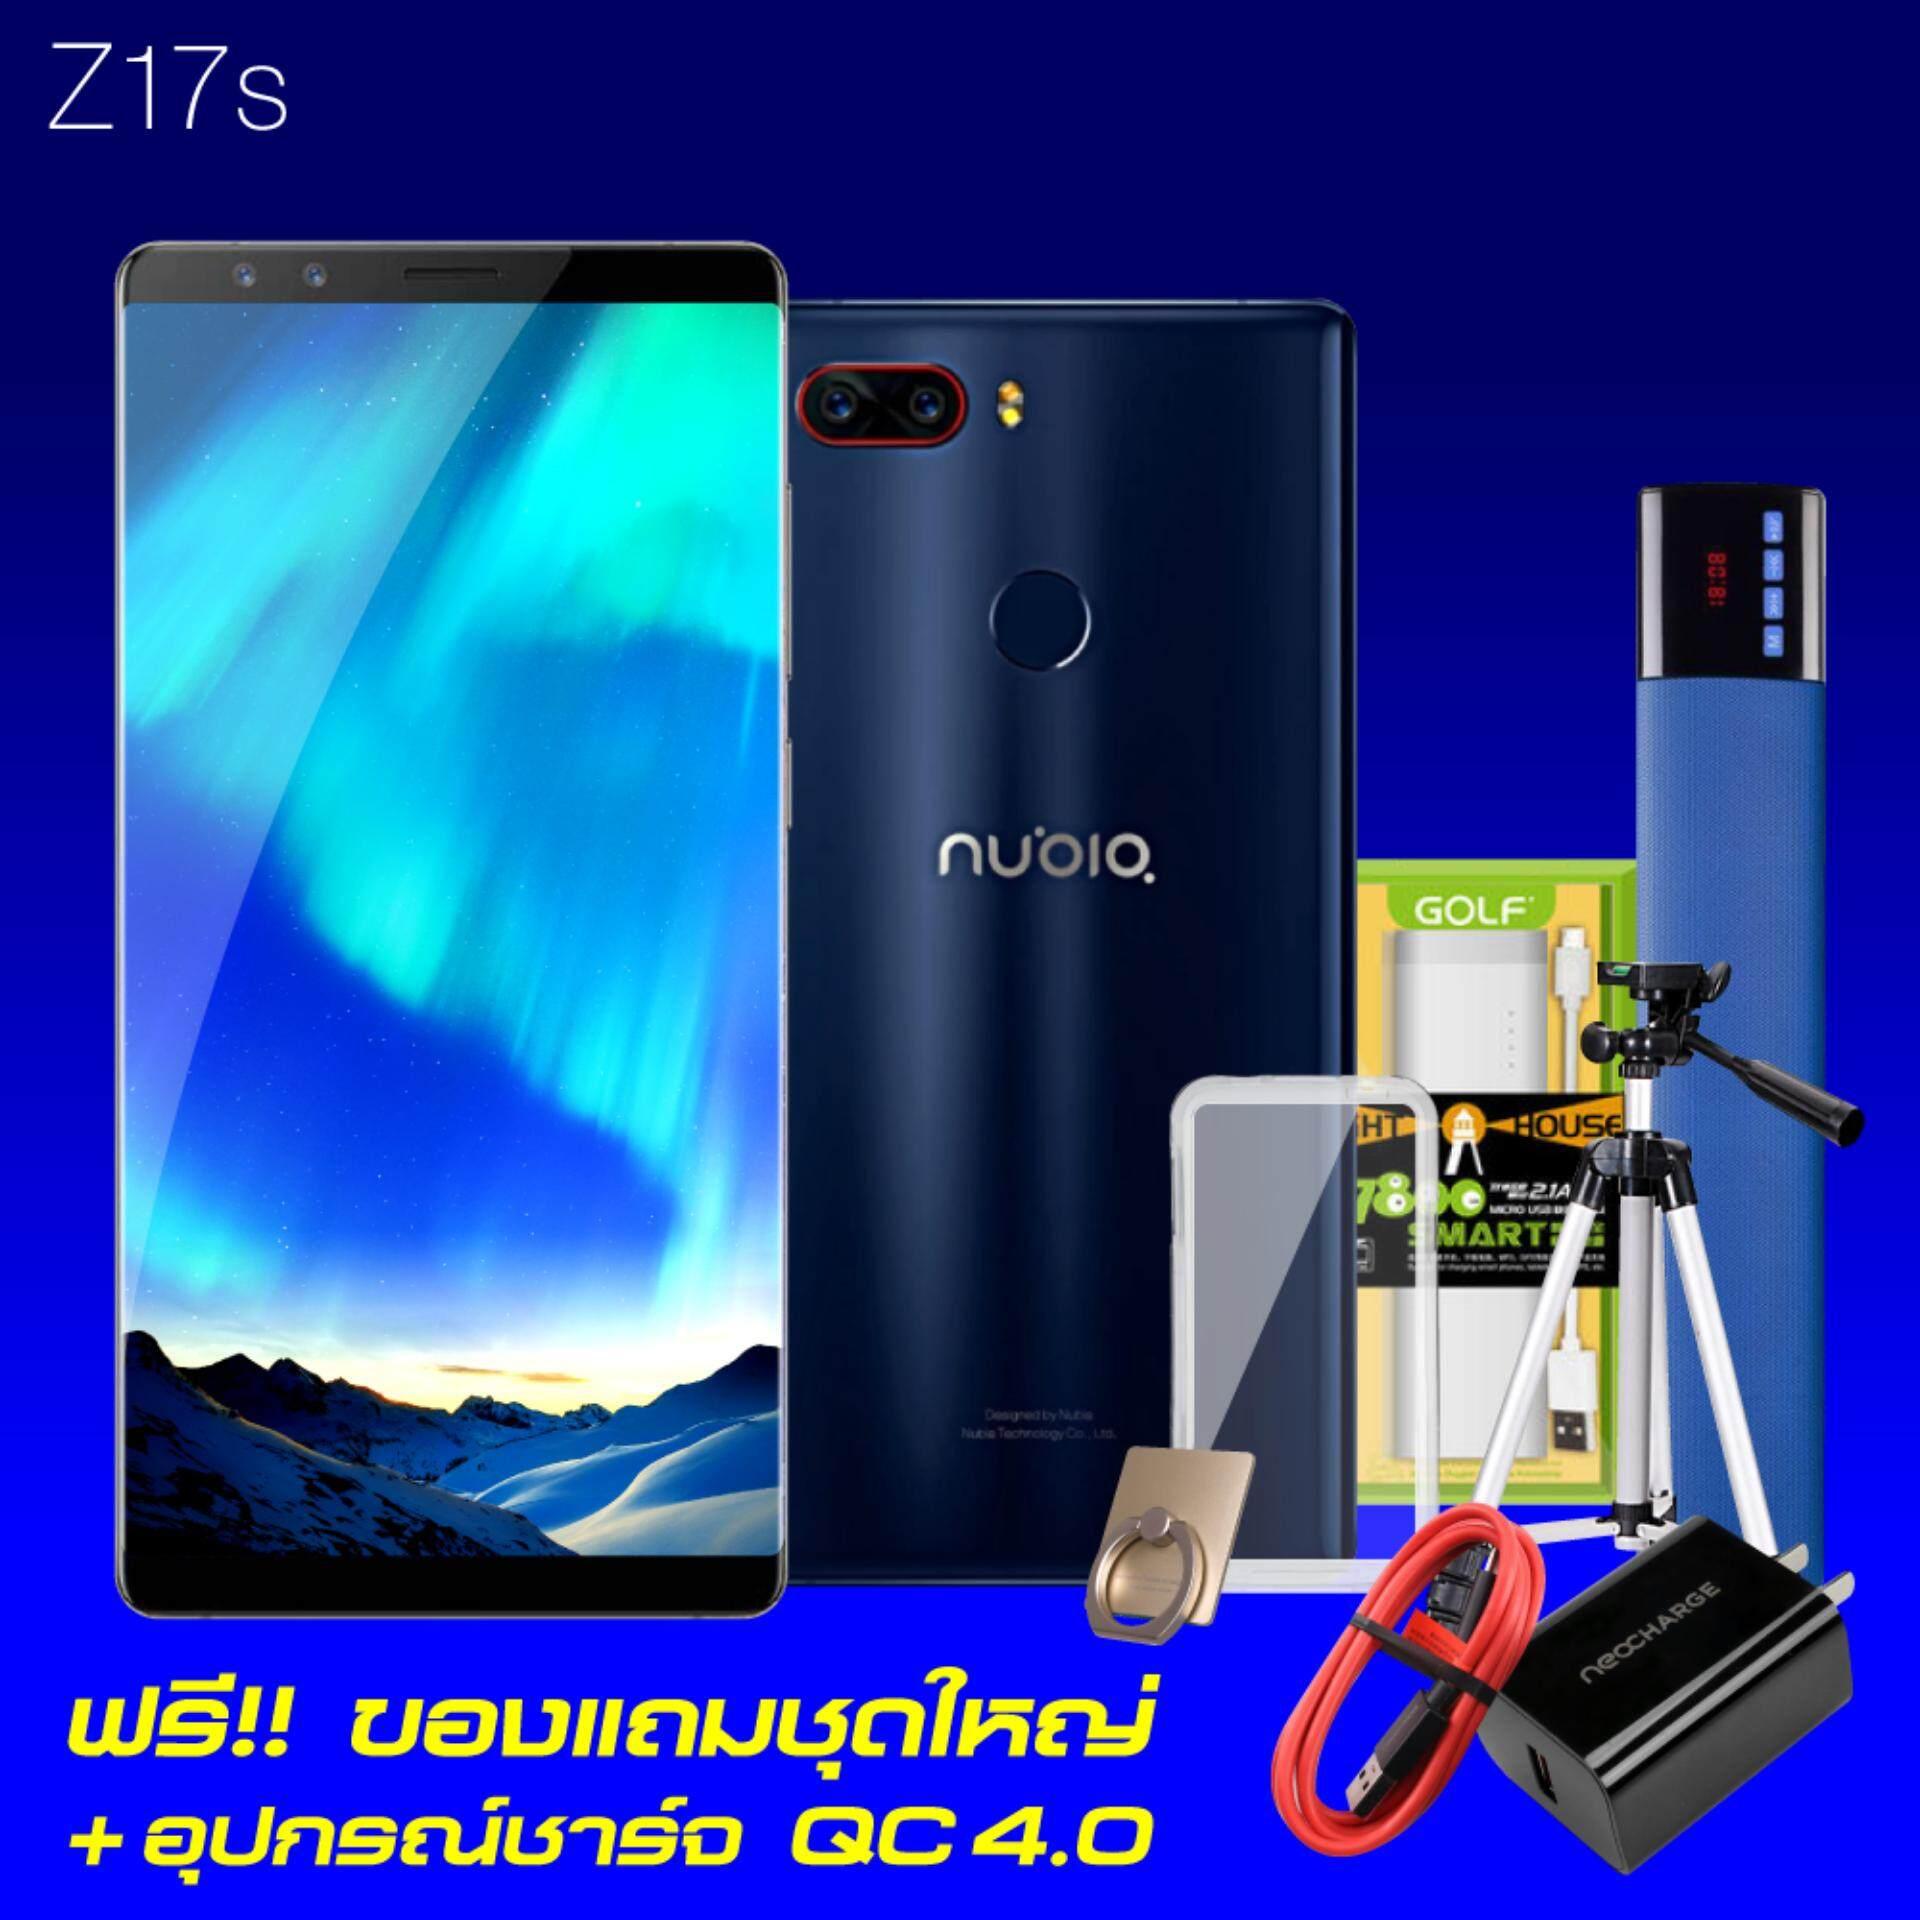 โปรโมชั่น Nubia Z17S 8 128Gb สีน้ำเงิน Aurora ฟรี ของแถมชุดใหญ่ มูลค่า 2 390 มีจำนวนจำกัด Android 7 1 ซีพียู Snap 835 กล้อง 4 ตัว รับประกันศูนย์ Nubia ประเทศไทย 1 ปีเต็ม Nubia